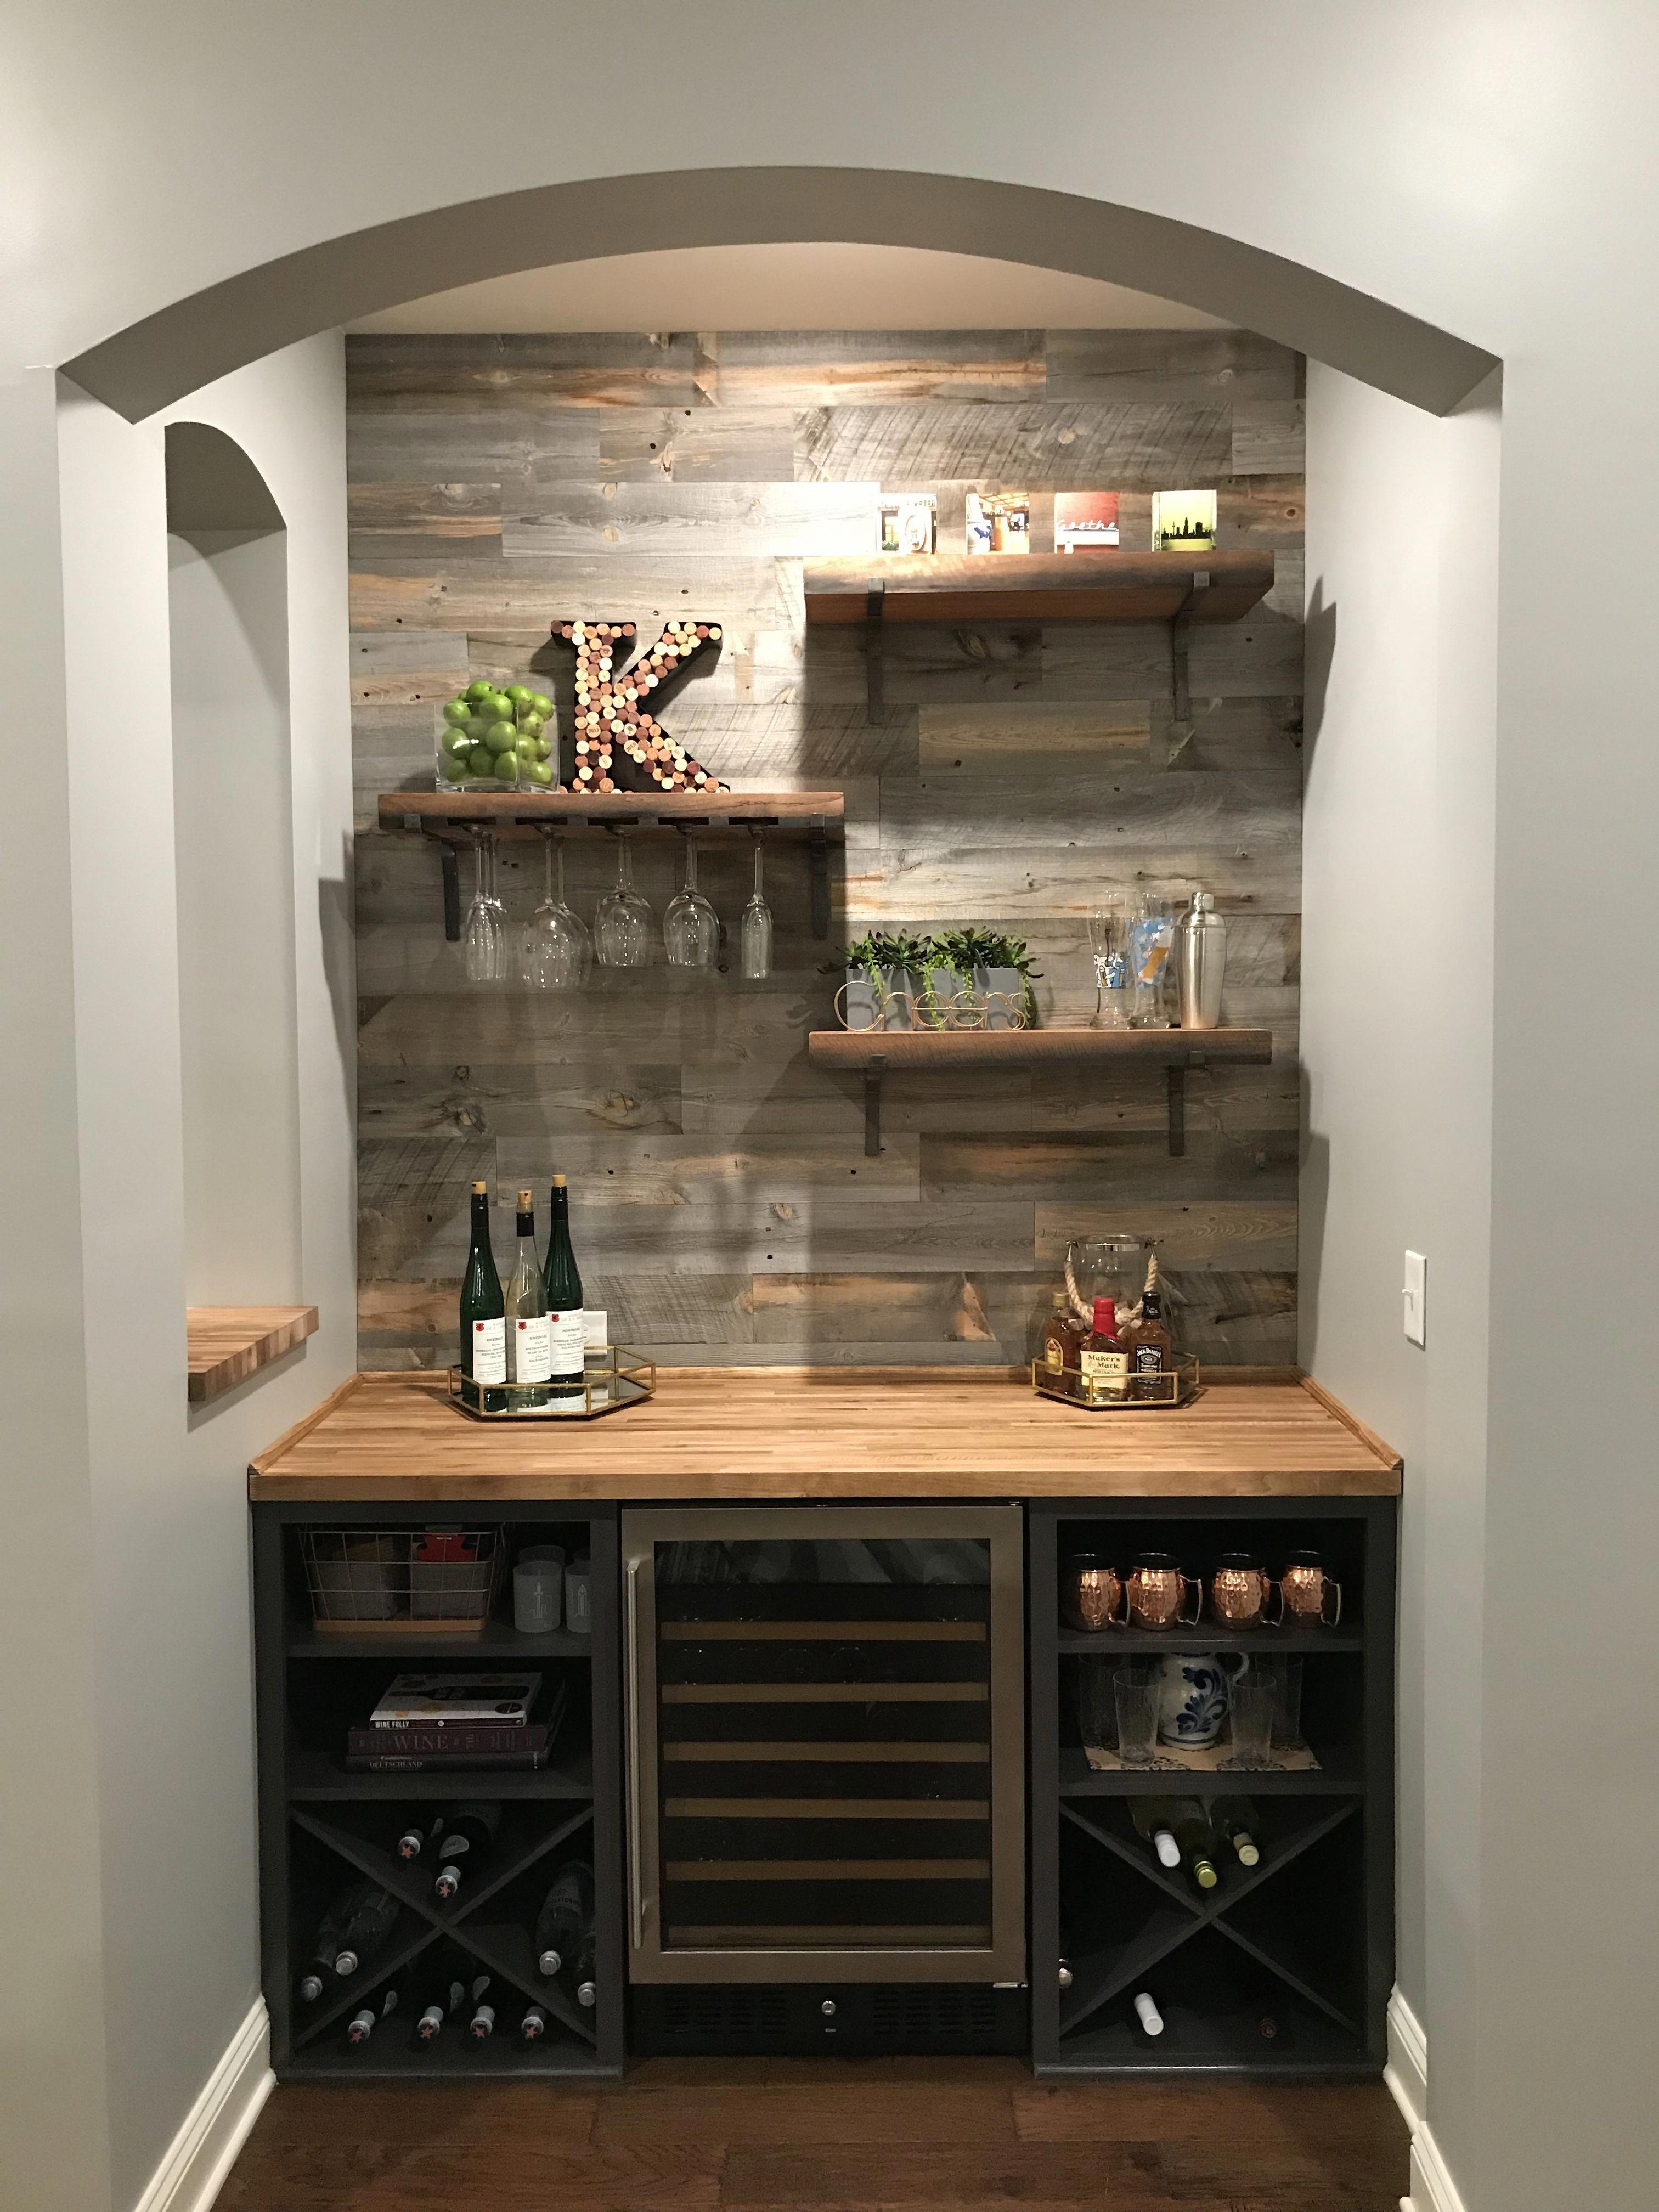 Bar Sideboard Buffet Nook Diy Homebardecorationdiy Home Bar Furniture Diy Home Bar Bars For Home Kitchen wall bar ideas